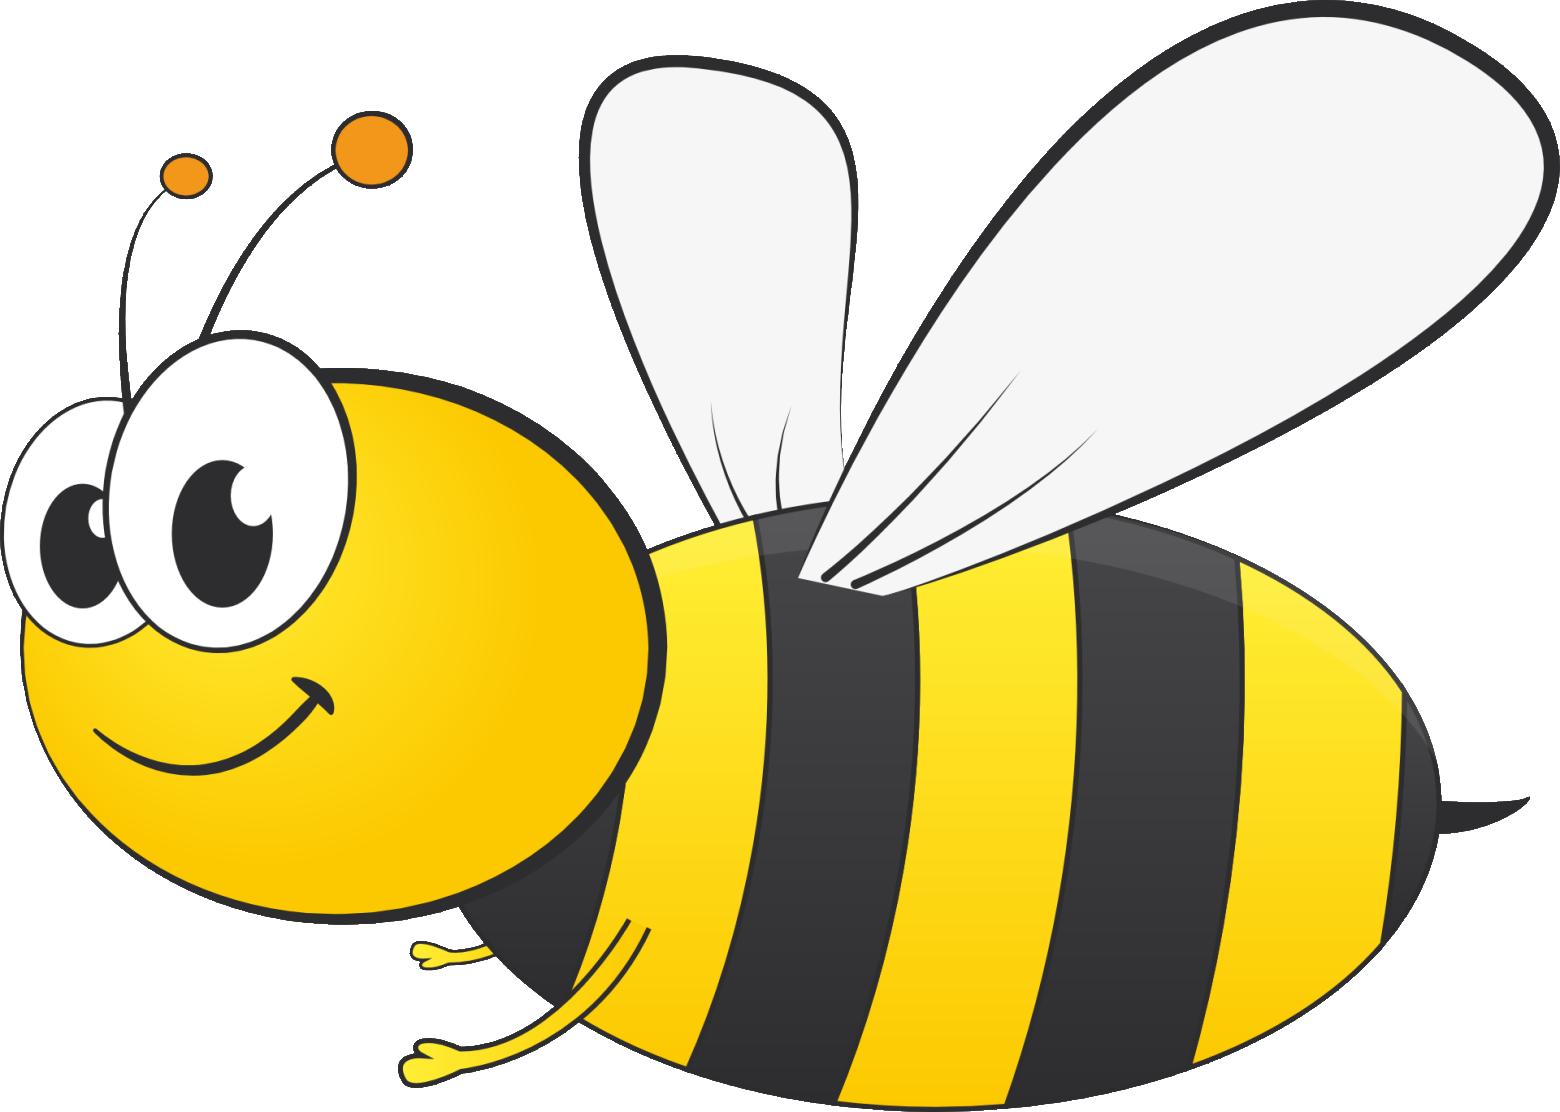 insecte abeille guêpe clipart illustration images gratuites.